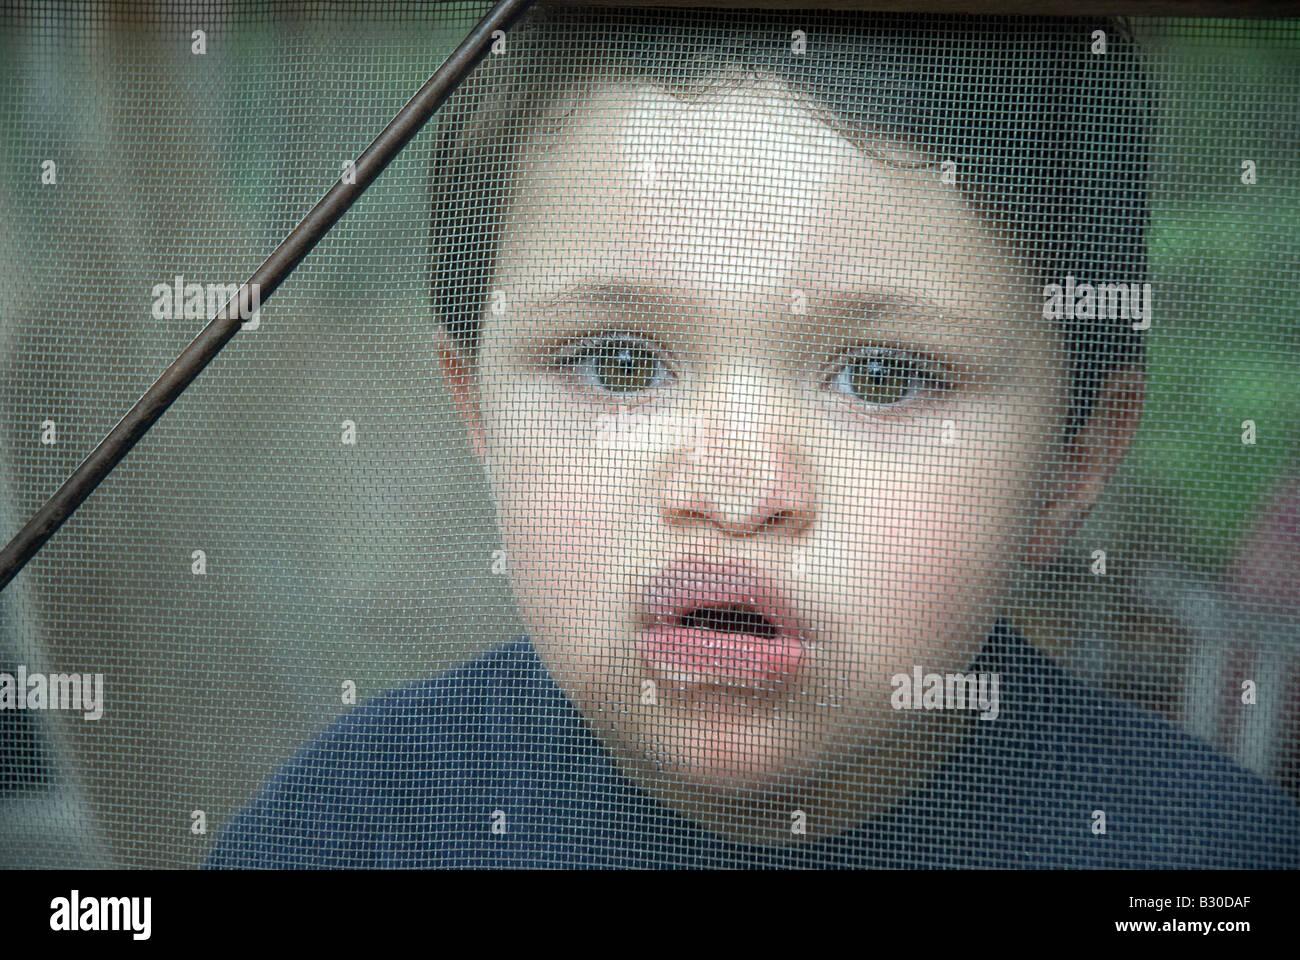 Trois ans pousse son nez contre une porte écran, New Hampshire Banque D'Images